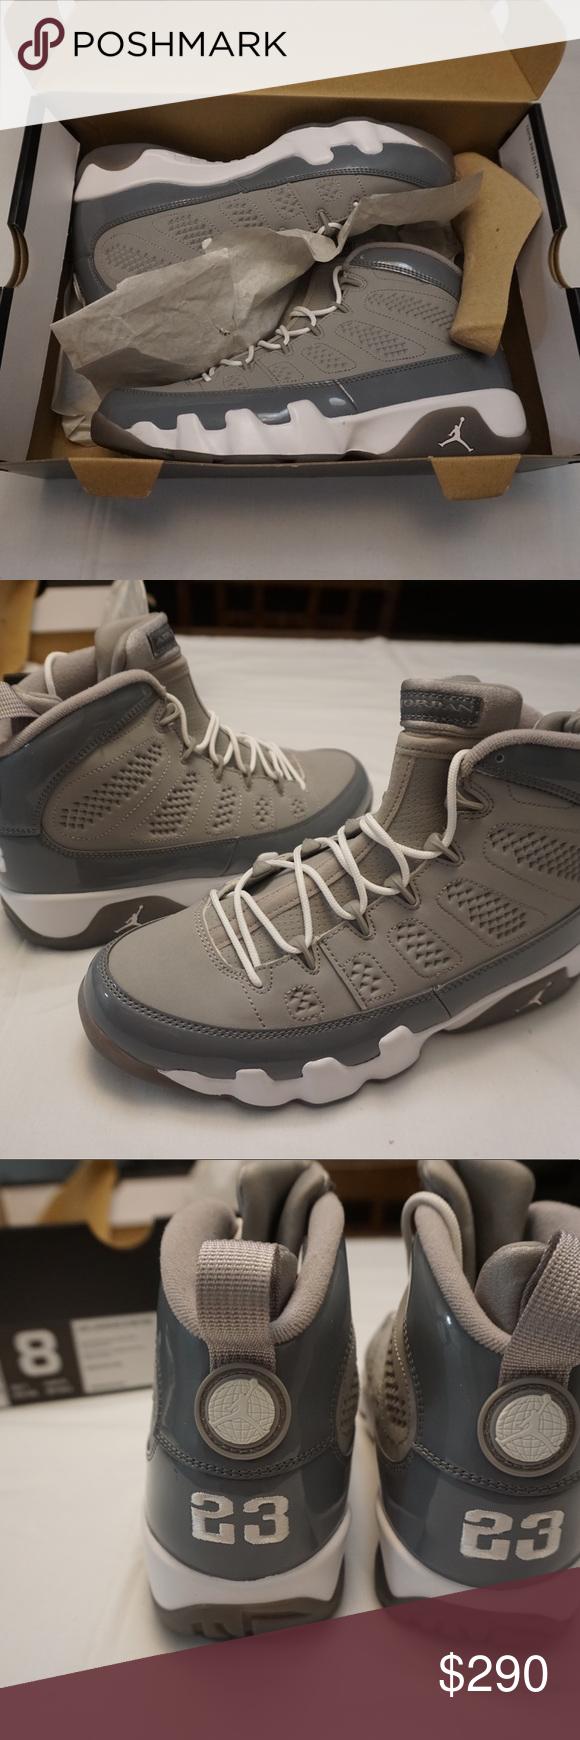 cheaper 04d67 0daca Jordan 9 Retro Cool Grey Deadstock 2012 Release. Air Jordan 9 Retro Cool  Grey Deadstock 2012 Release. (Unworn with original box included) Jordan  Shoes ...